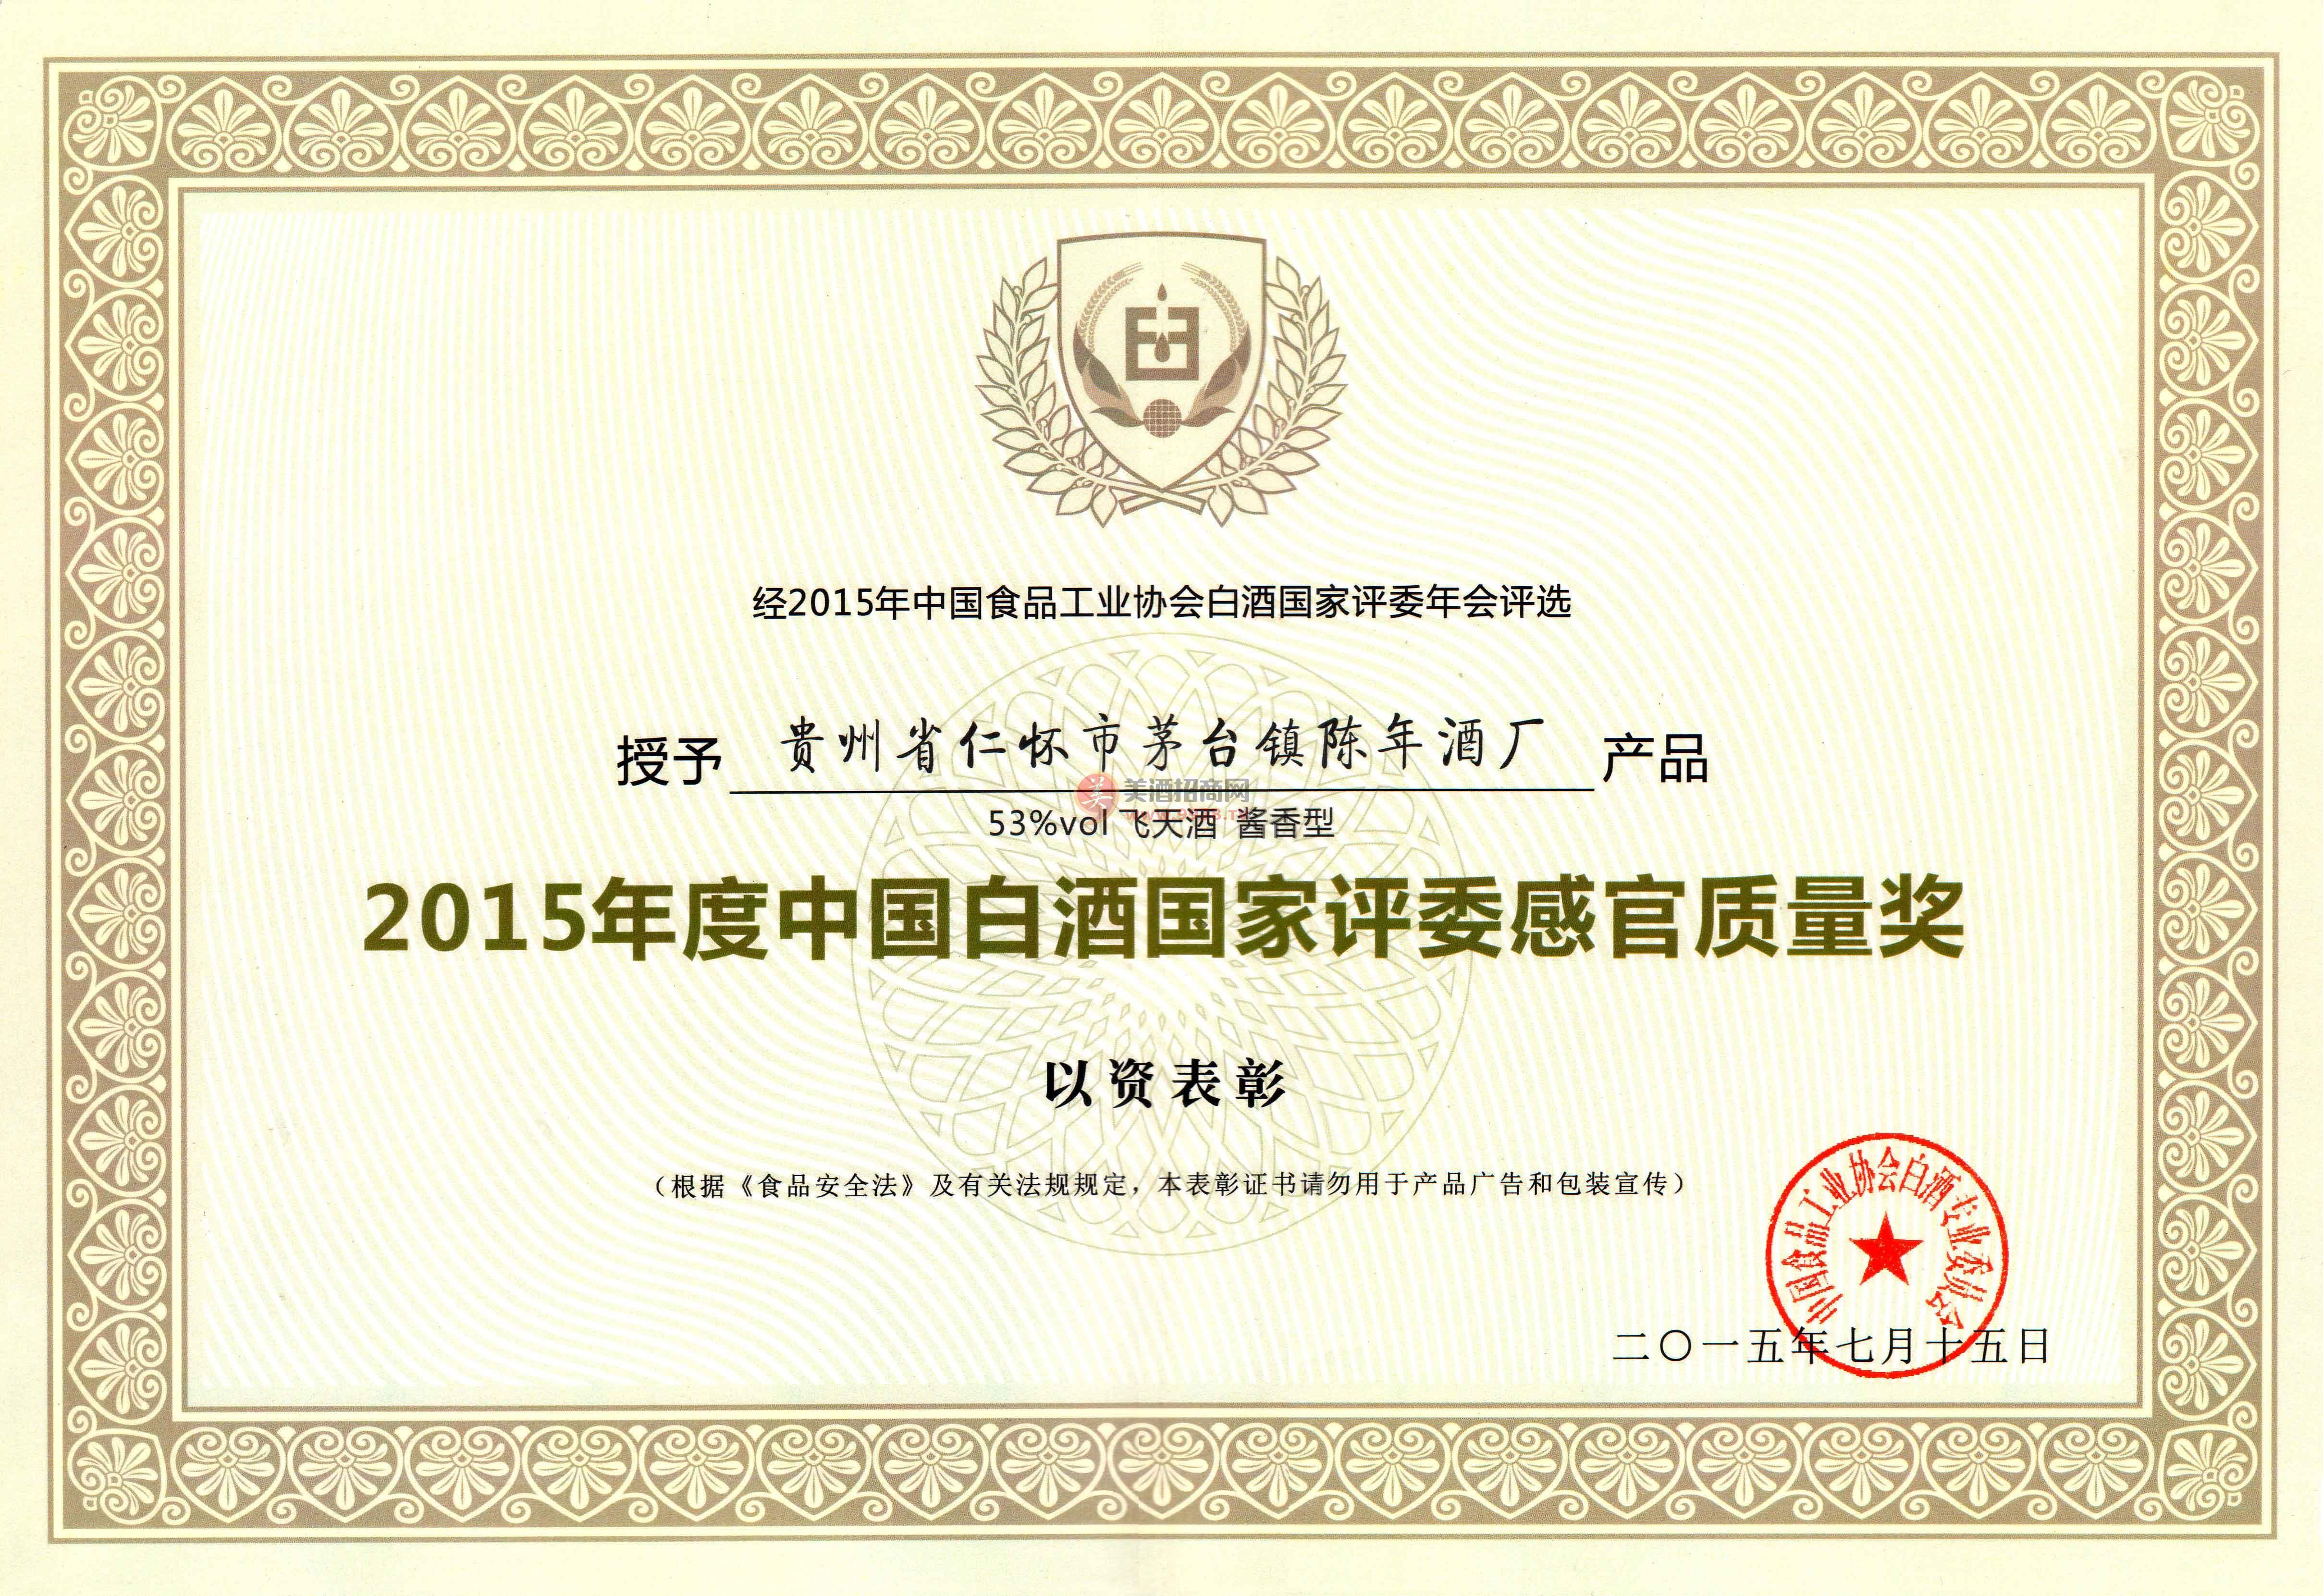 2015年度中国白酒国家评委感官质量奖